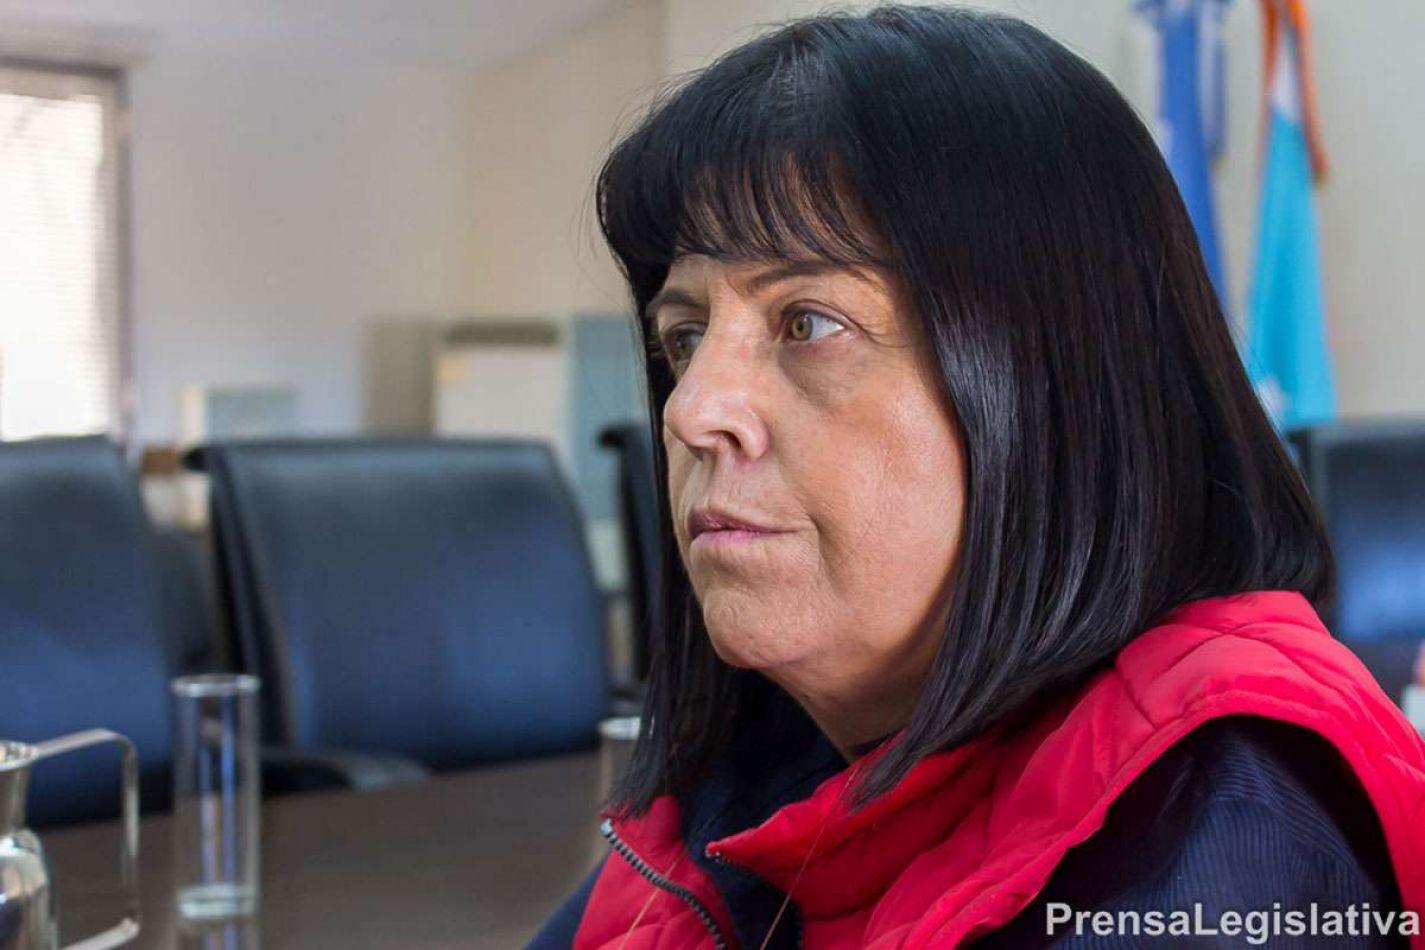 La legisladora Liliana Martínez Allende impulsará un proyecto de ley presentado por la Asociación Fueguina de Graduados en Nutrición.